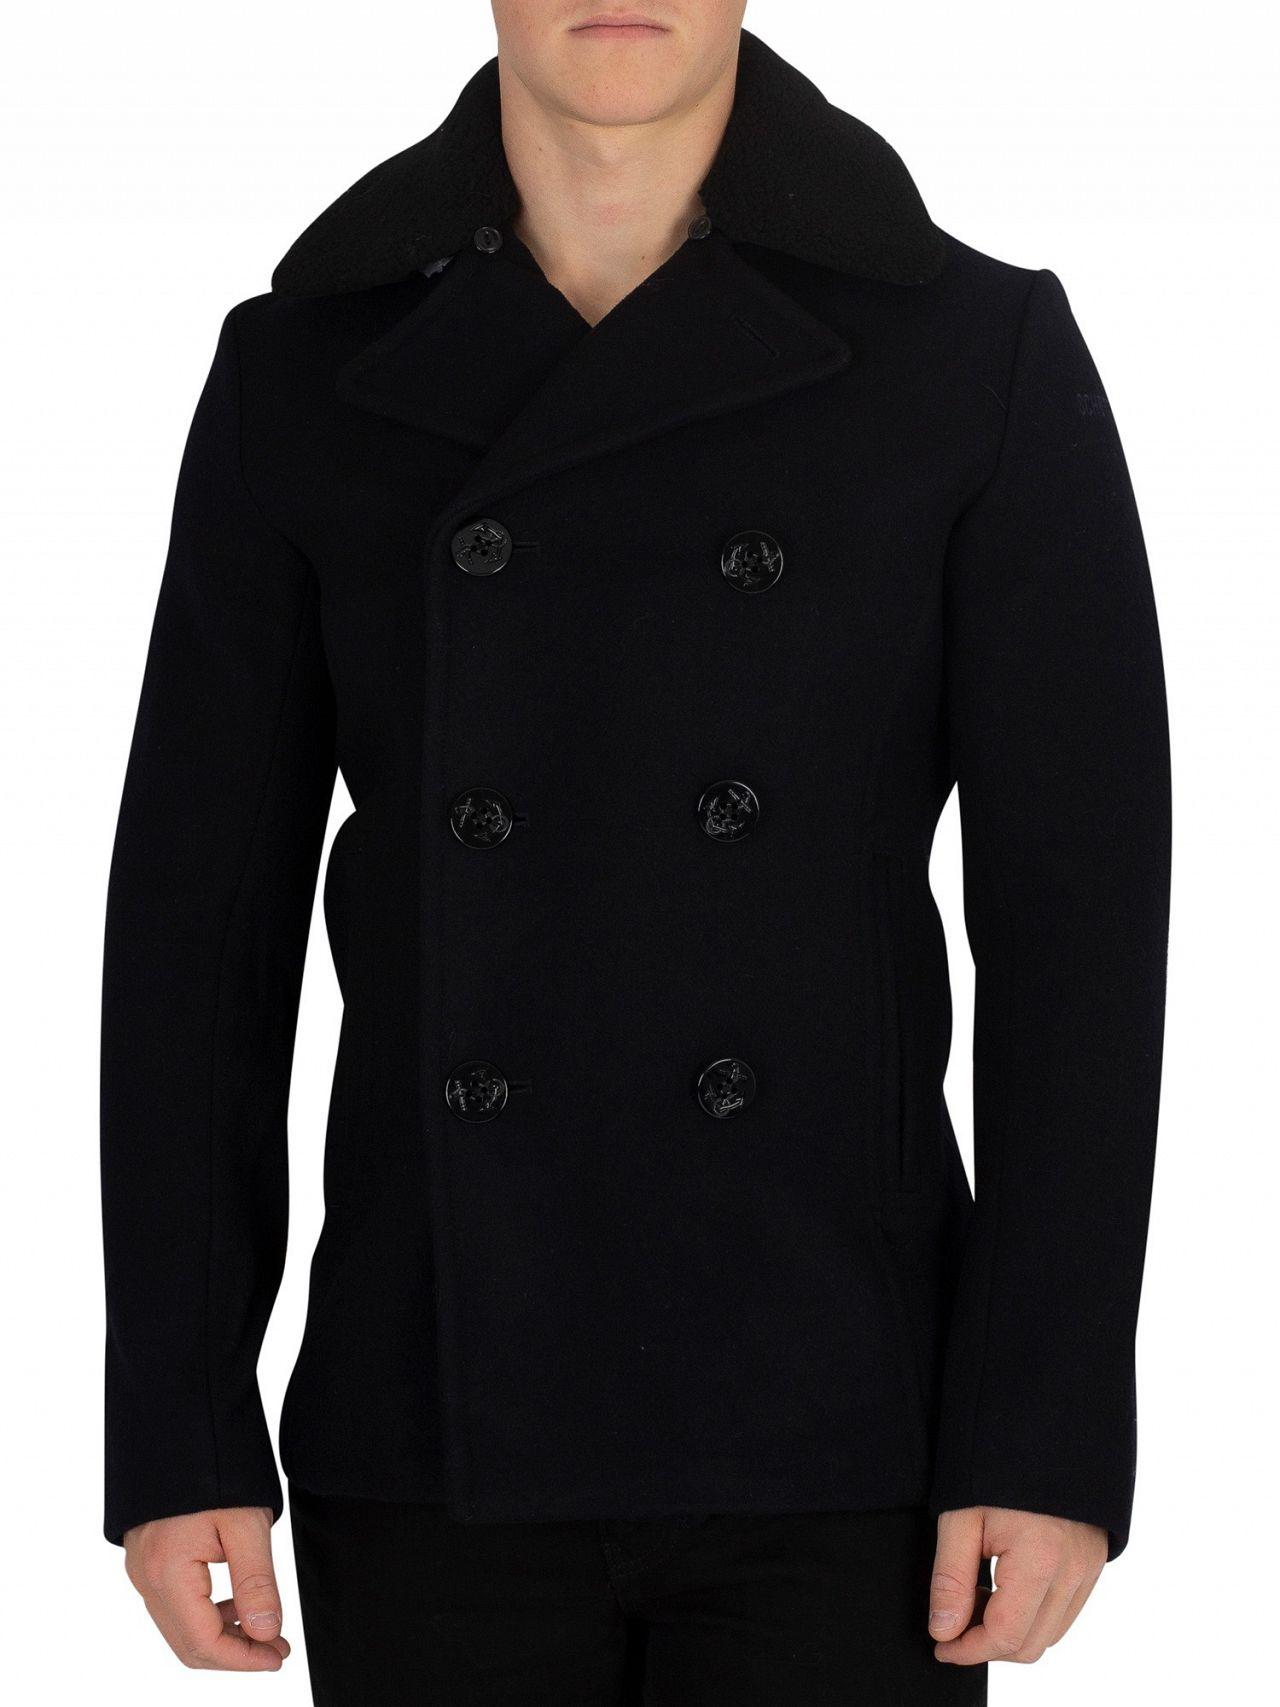 2fdb1daa7ca Schott navy cyclone pea coat standout jpg 1280x1707 Navy pea coat schott